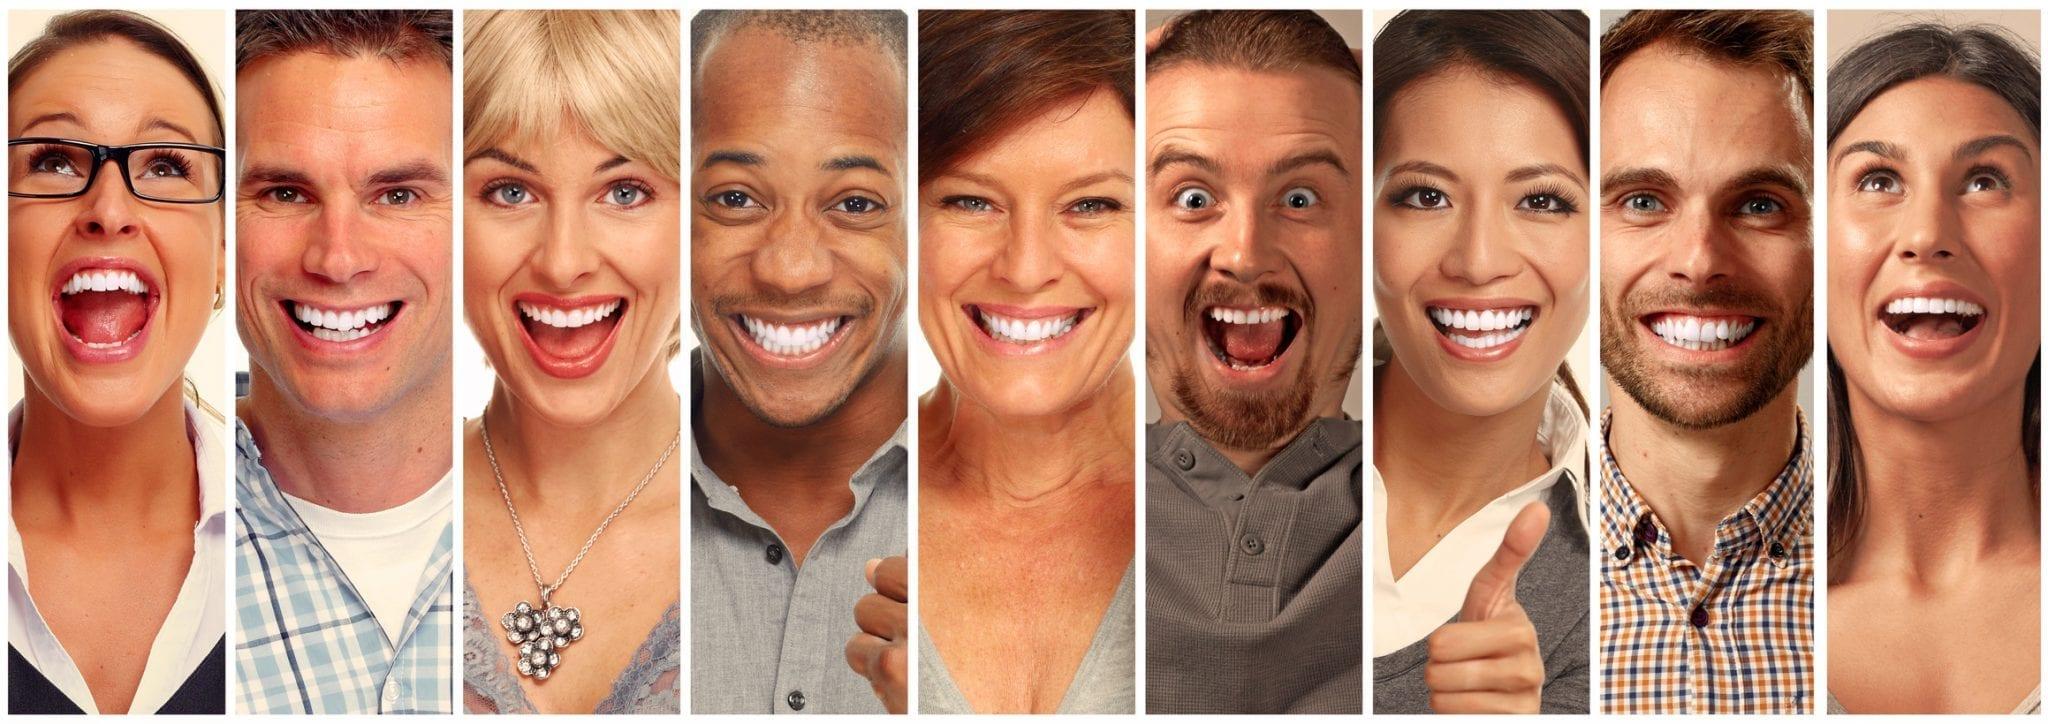 MasurZahnärzte viele Gesichter